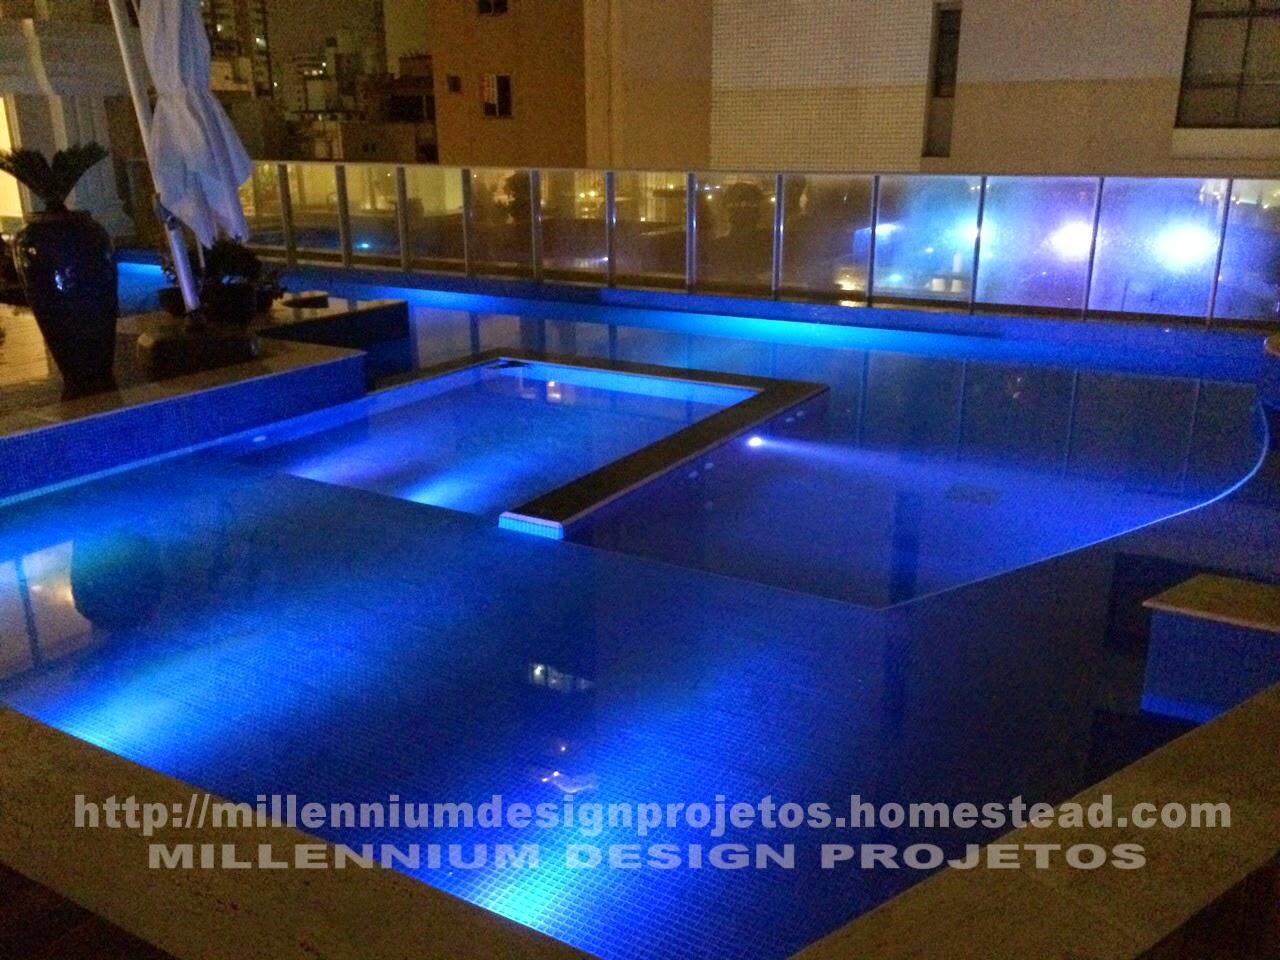 Millennium design projetos solu es millennium palace residence o maior pr dio do brasil - Piscina da interno ...